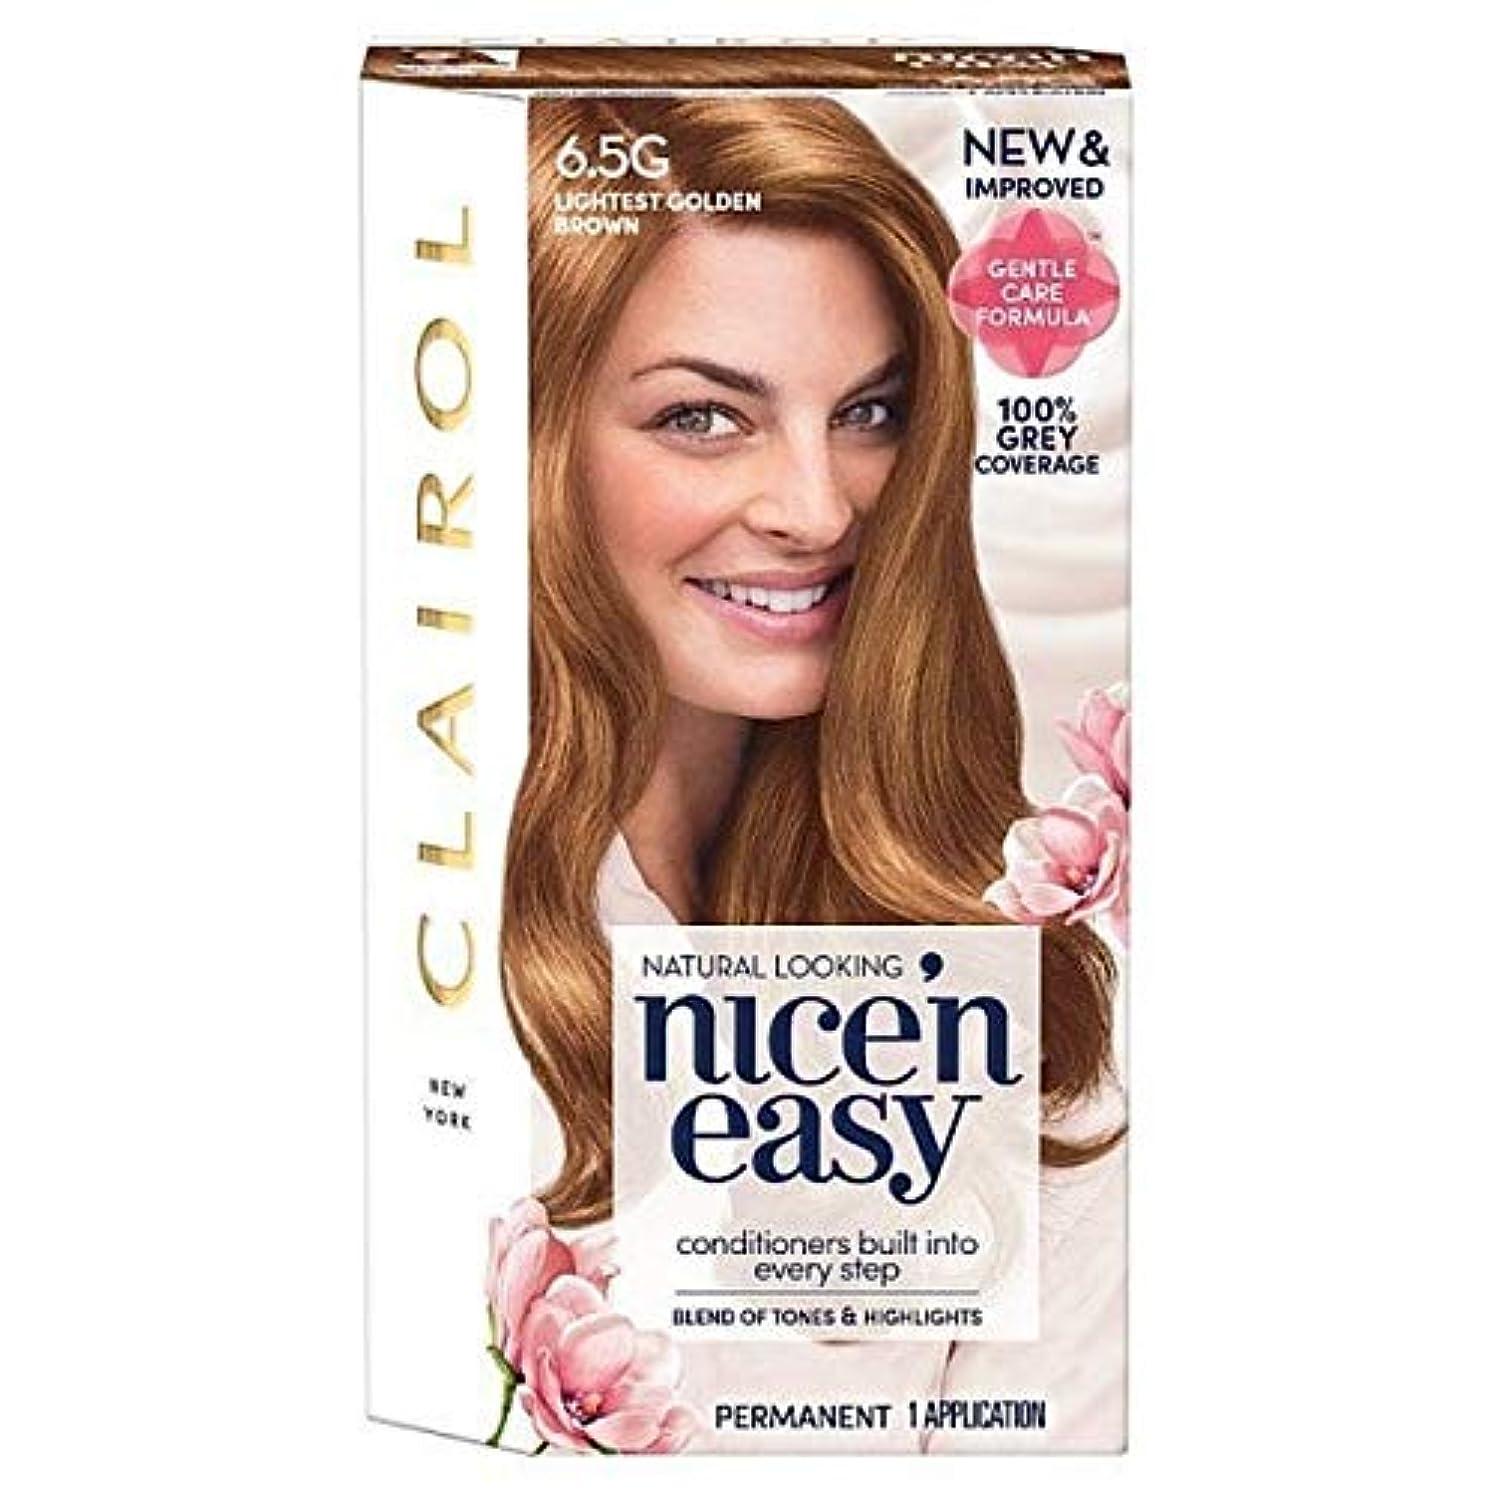 武装解除スキニーテープ[Nice'n Easy] Nice'N簡単に6.5グラム軽いゴールデンブラウン - Nice'n Easy 6.5G Lightest Golden Brown [並行輸入品]